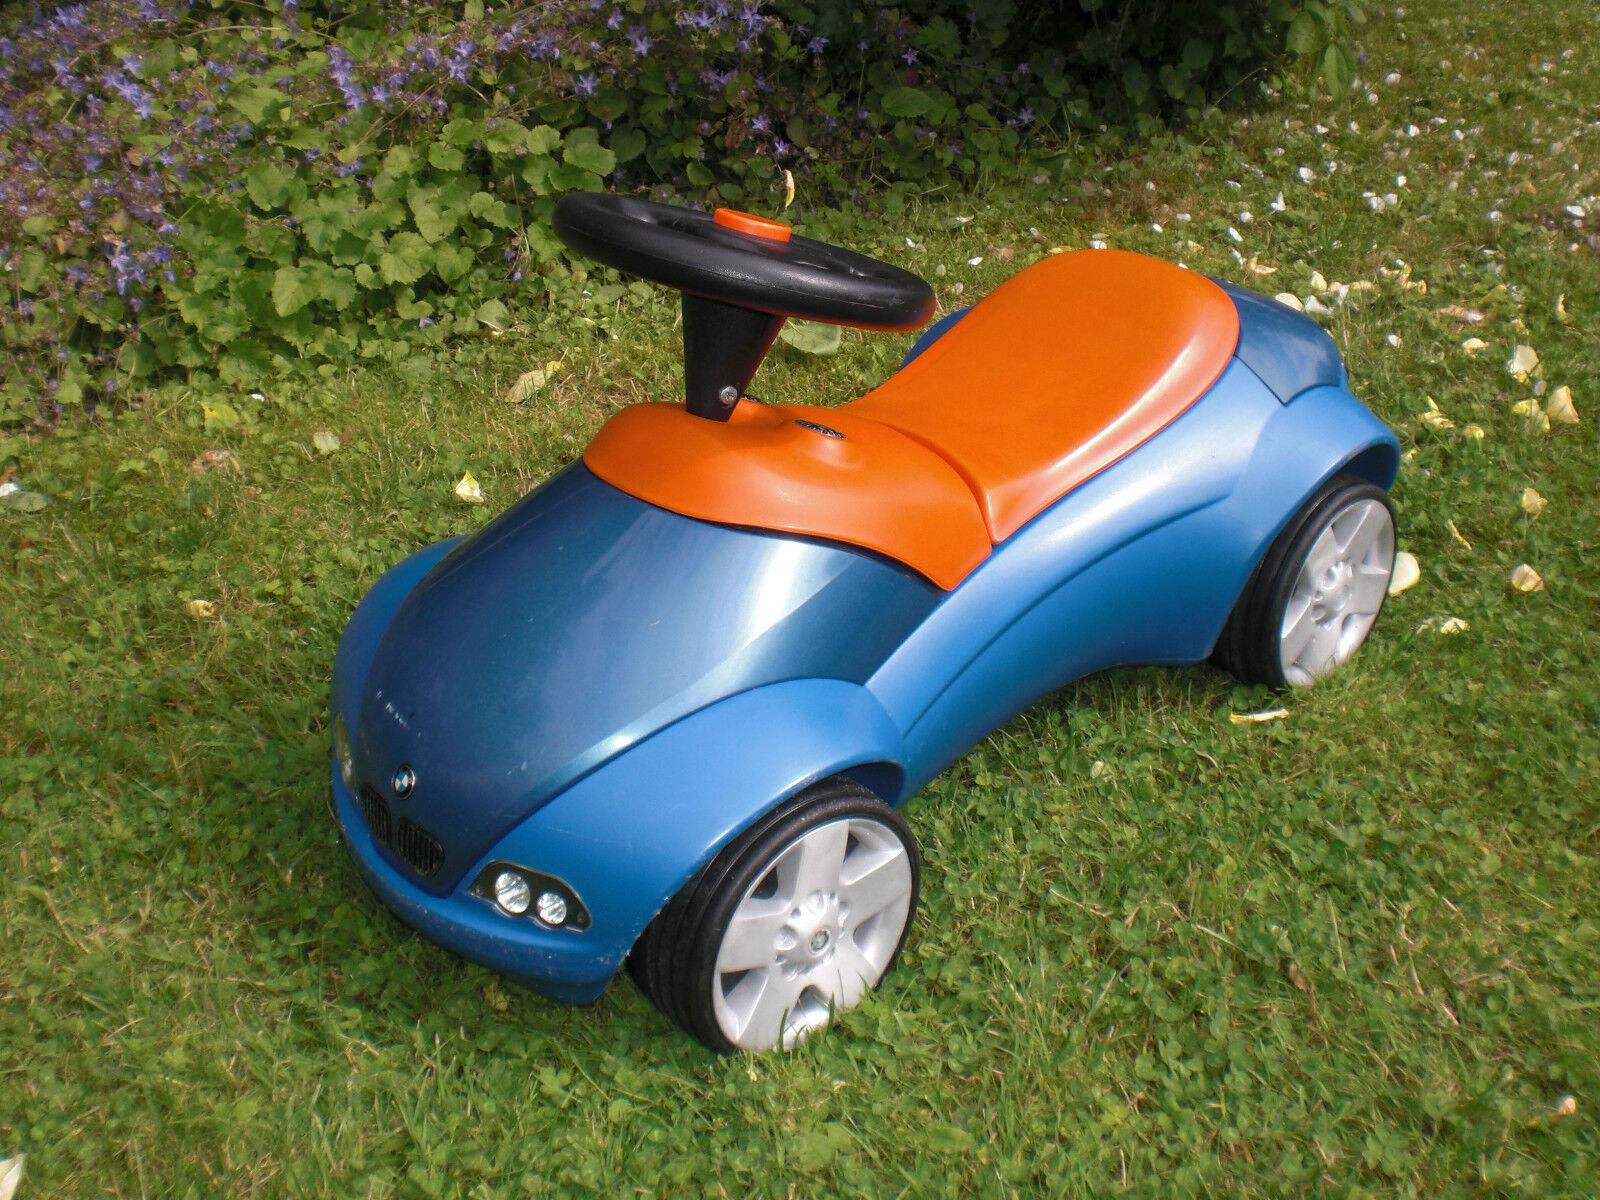 Original BMW Baby Racer blau metallic - Flüsterreifen Breitreifen - Rutscher